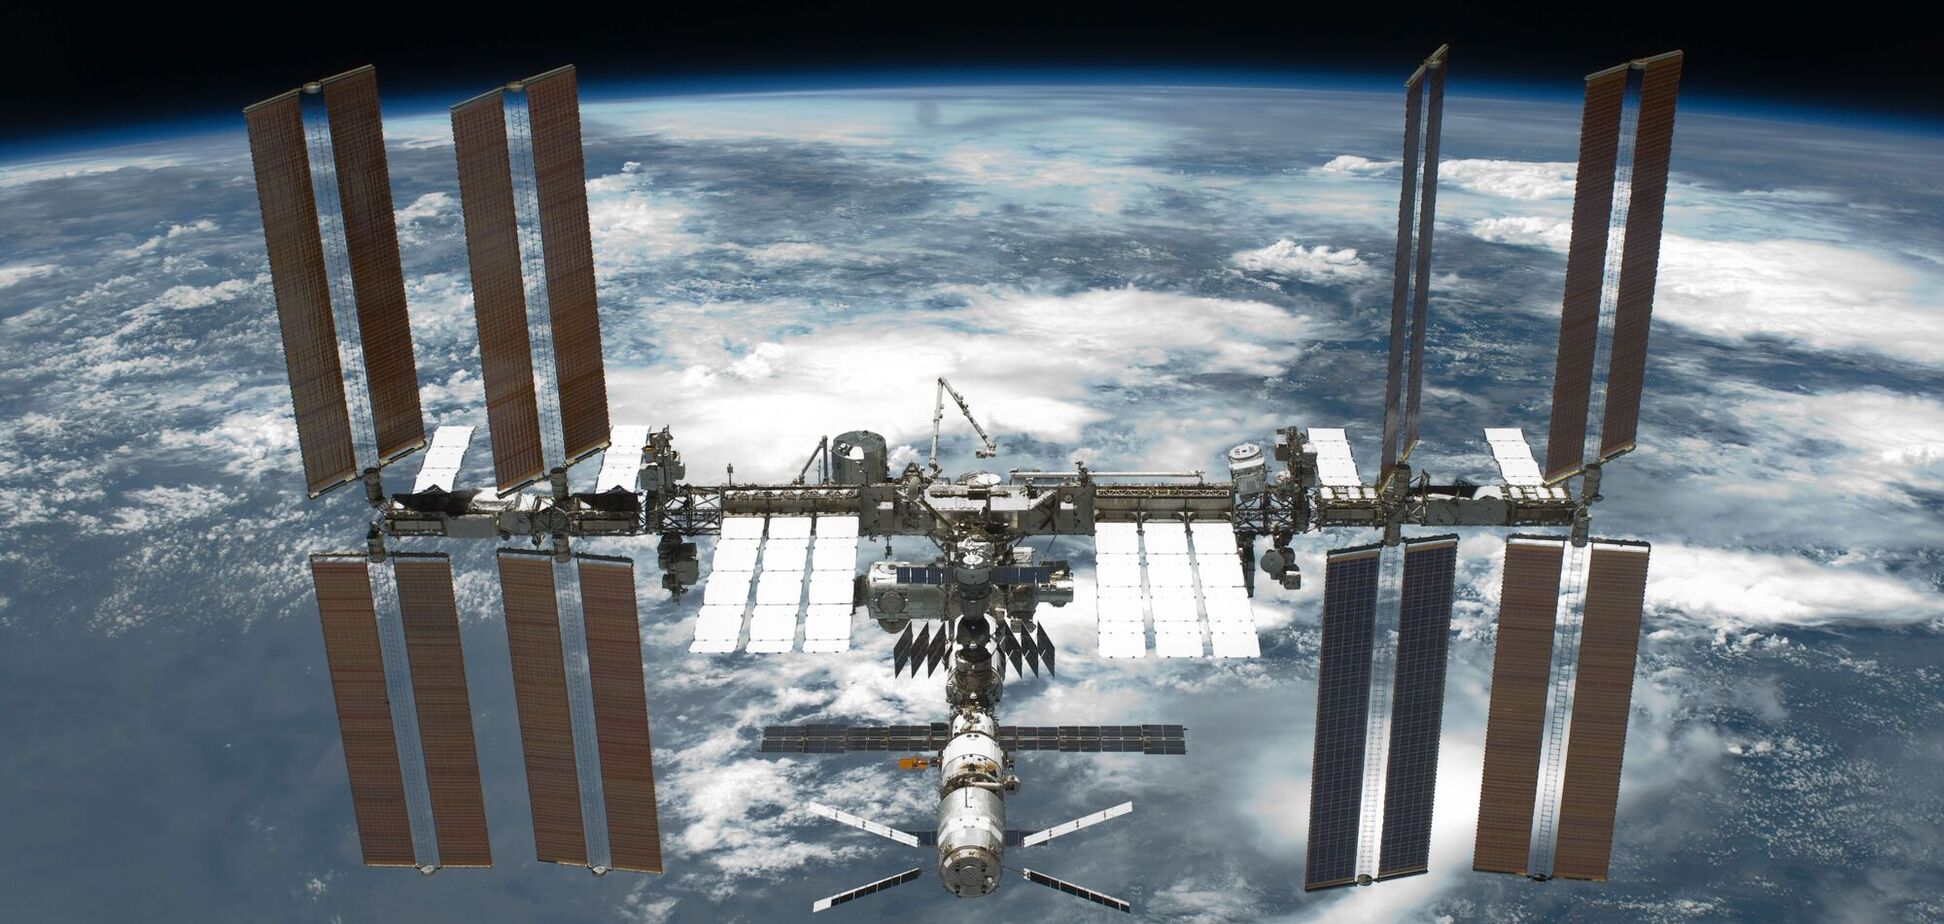 Срок эксплуатации МКС истекает в 2024 году